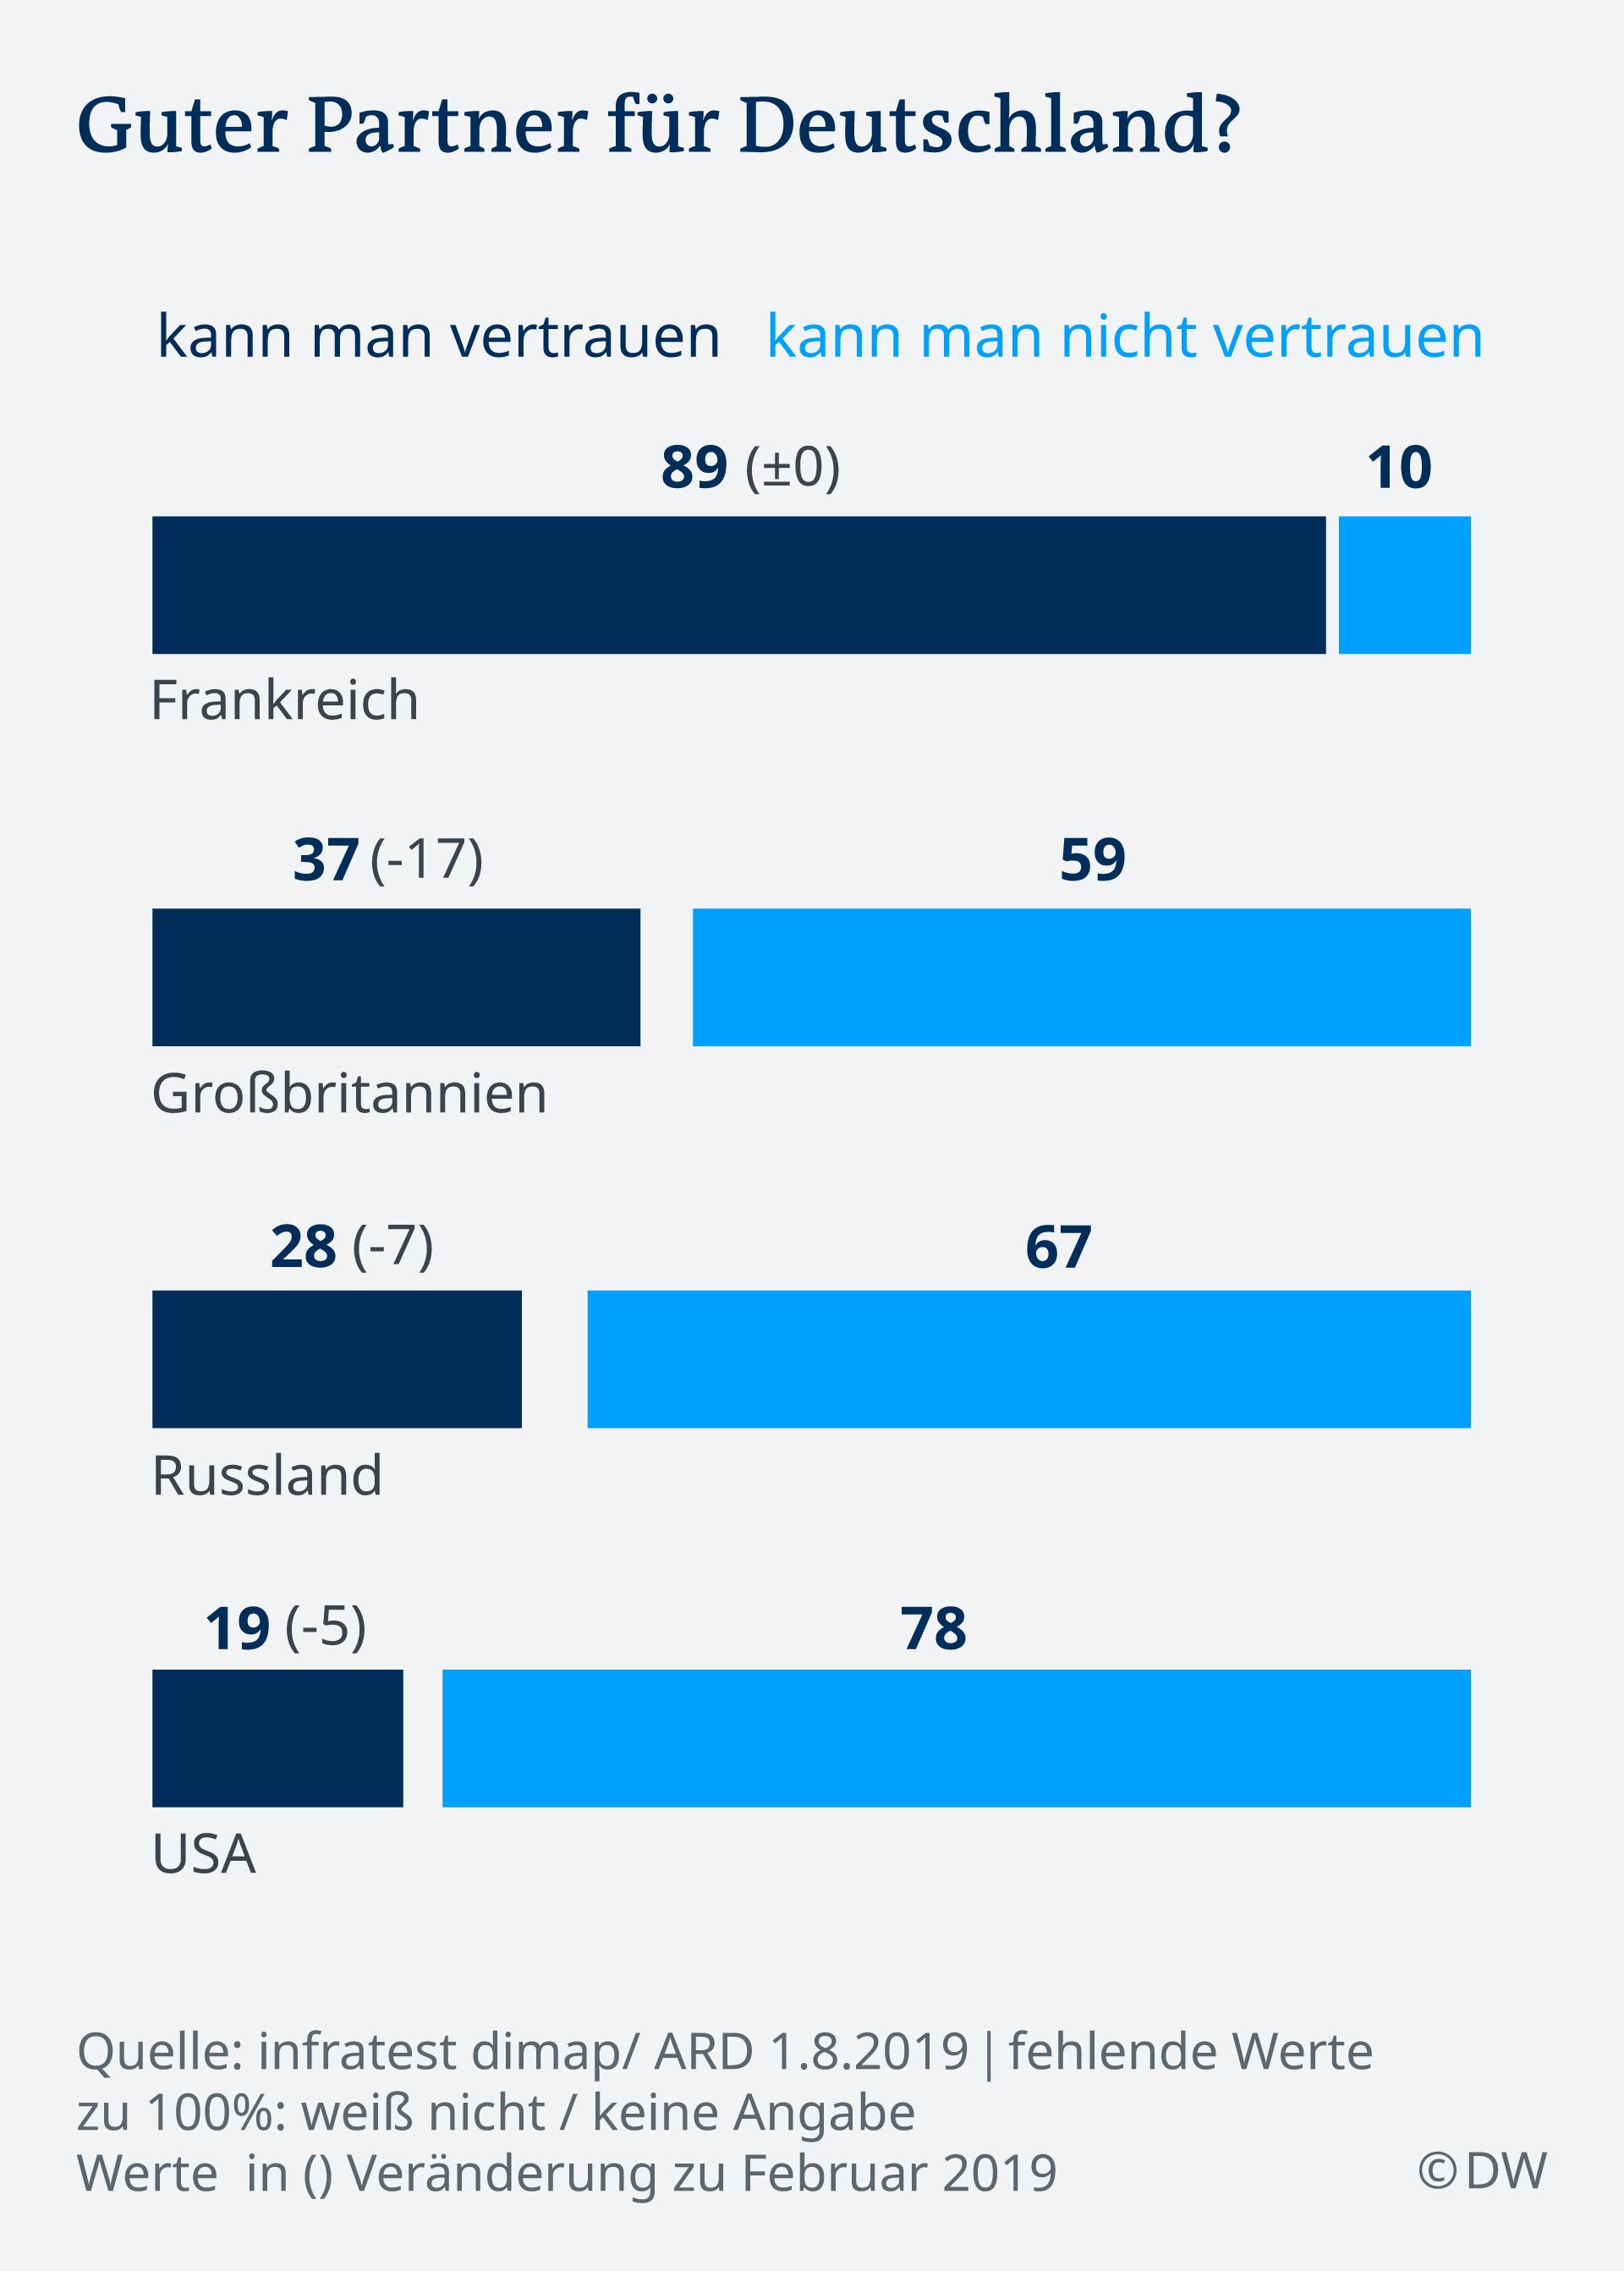 Infografik guter Partner für Deutschland DE